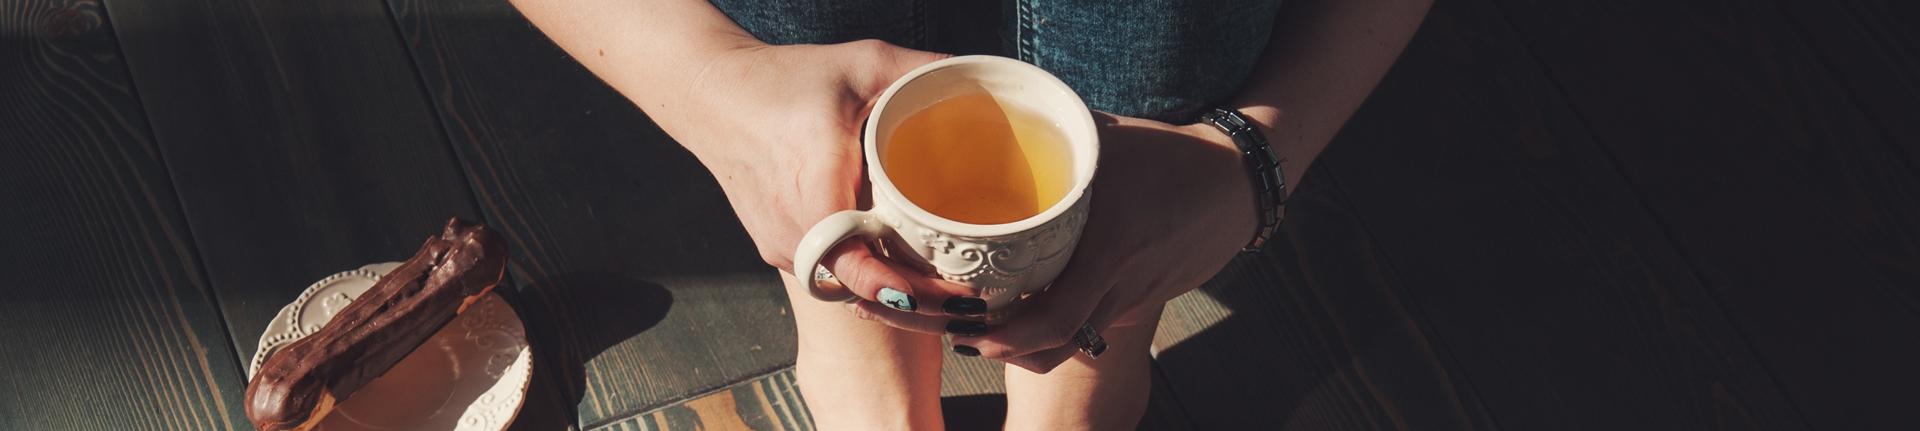 Dica Bemglô: chá para dormir bem